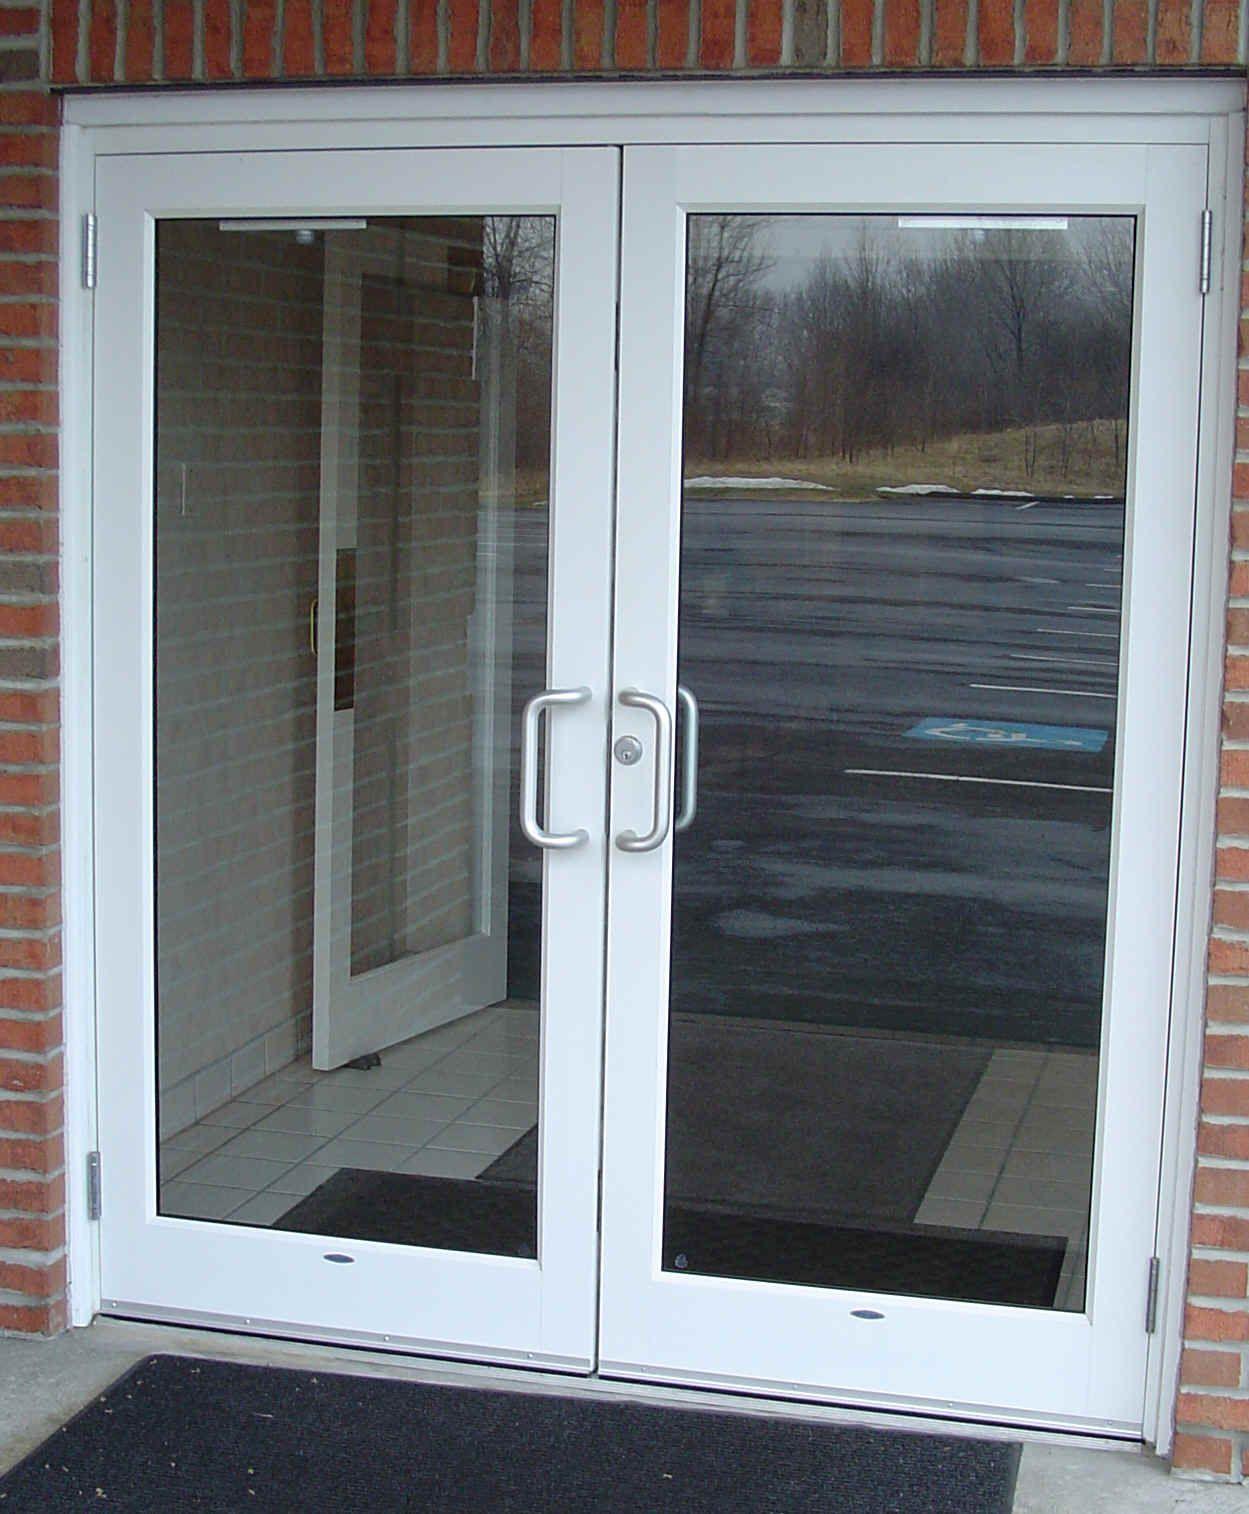 Glass doors repair brooklyn commercial door repairs brooklyn glass doors repair brooklyn commercial door repairs brooklyn planetlyrics Images